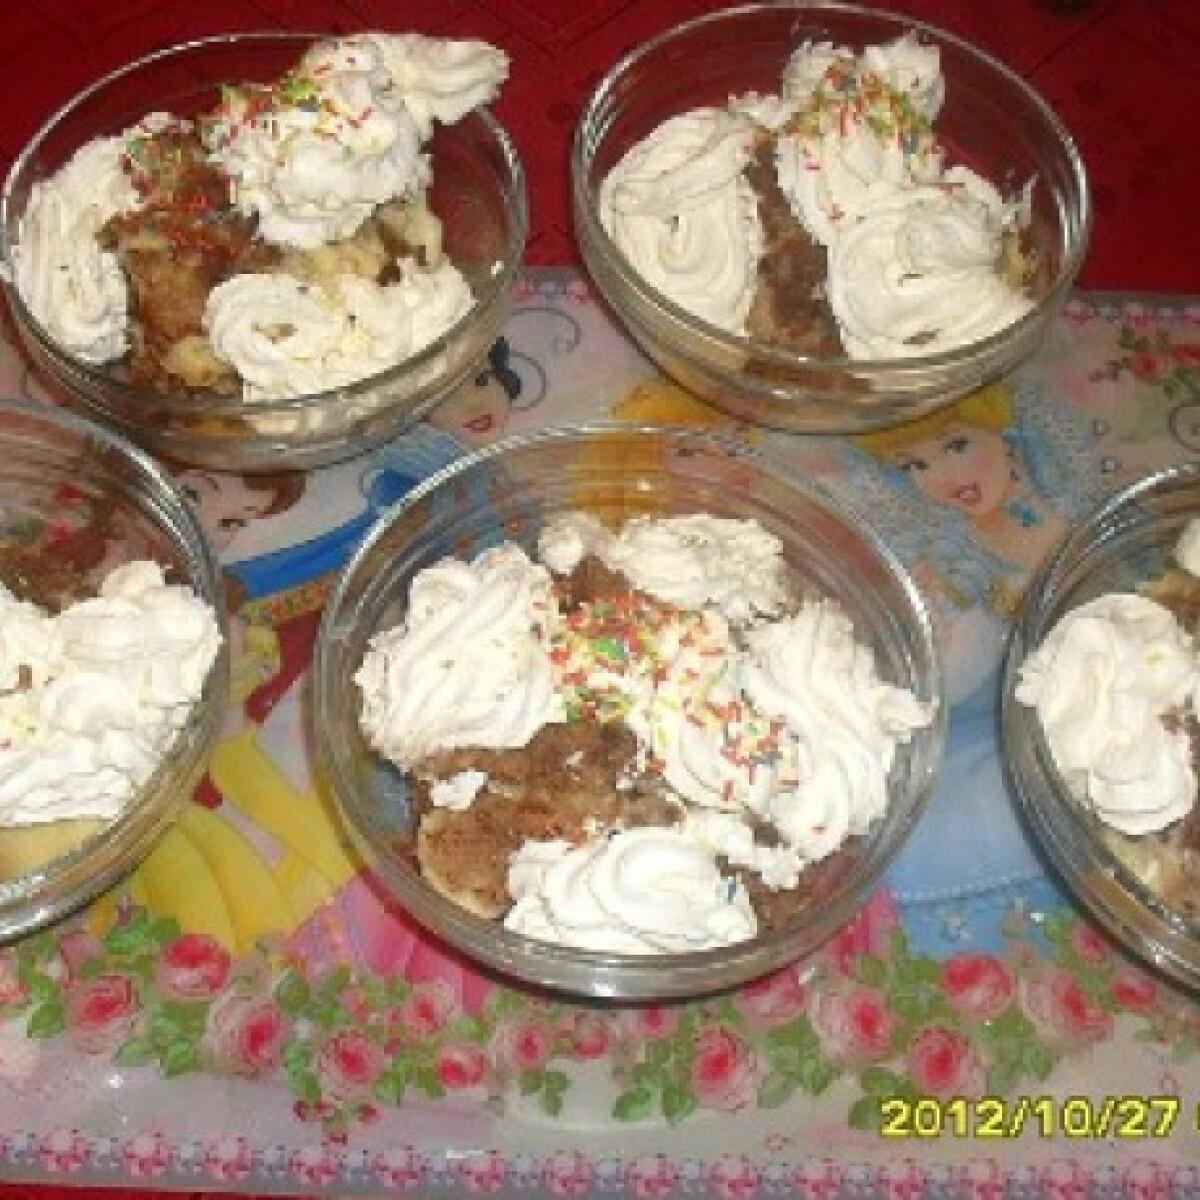 Ezen a képen: Somlói galuska Kiss Móni konyhájából